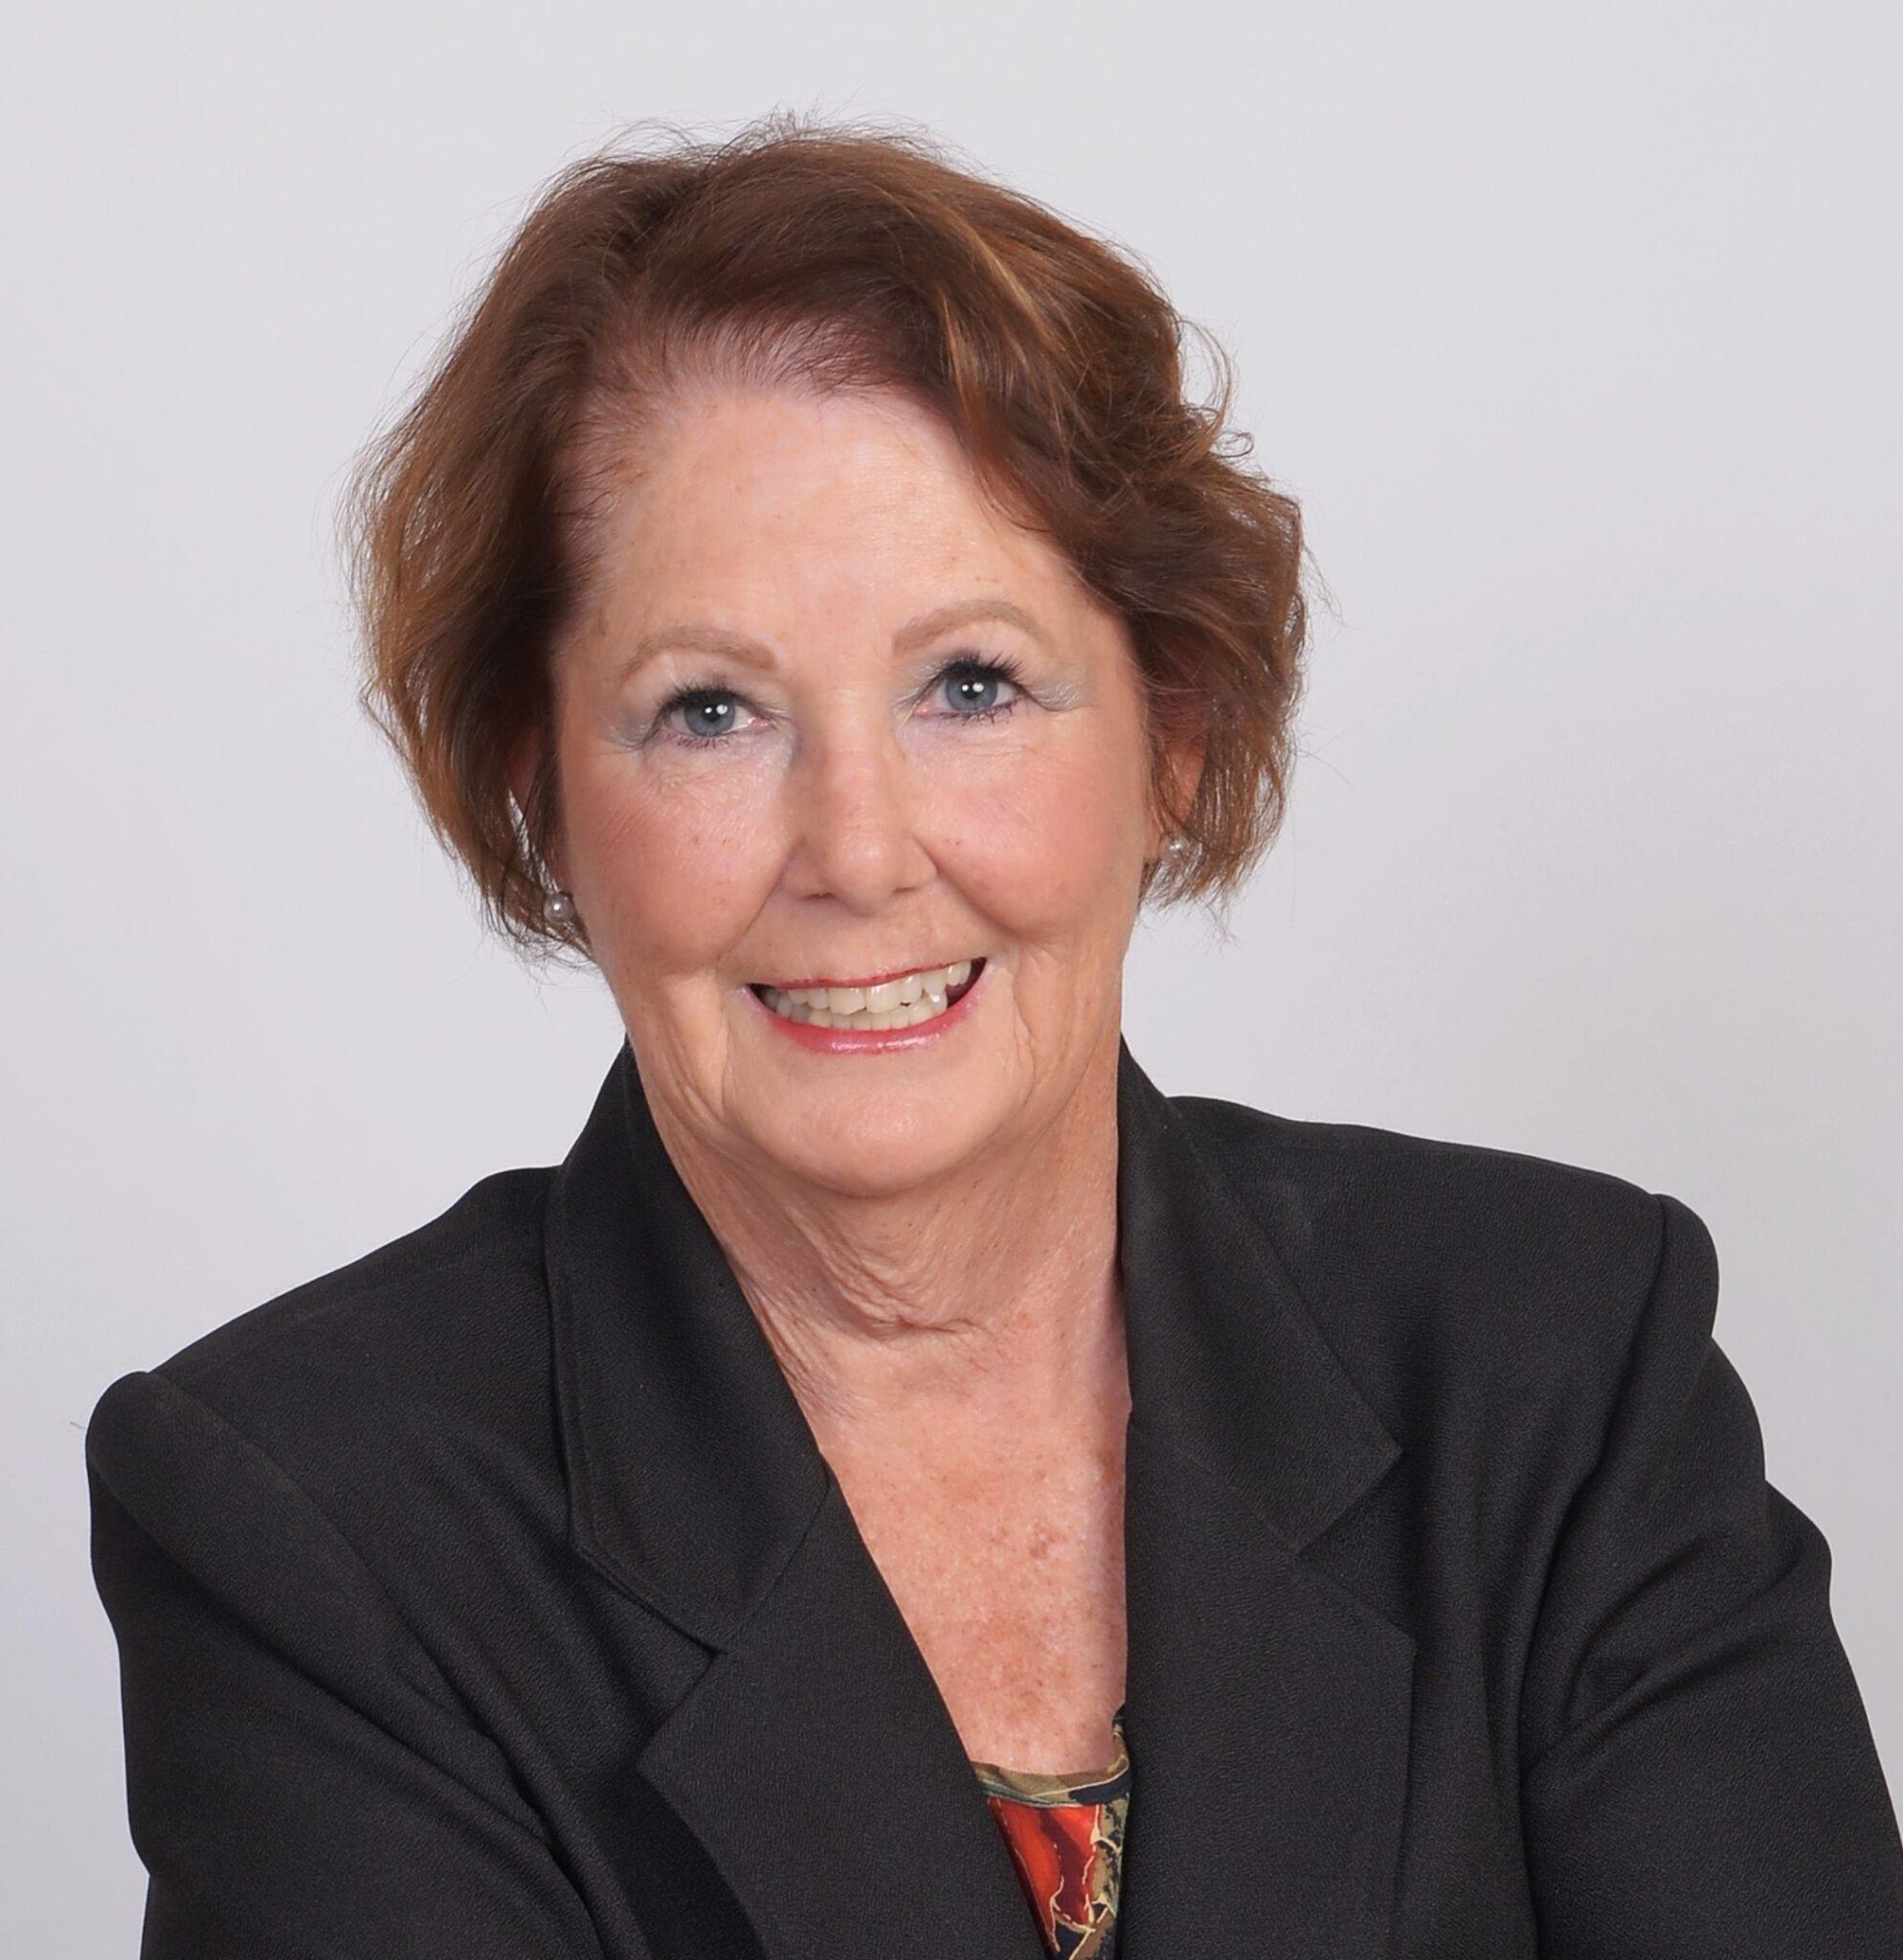 Carole Savala